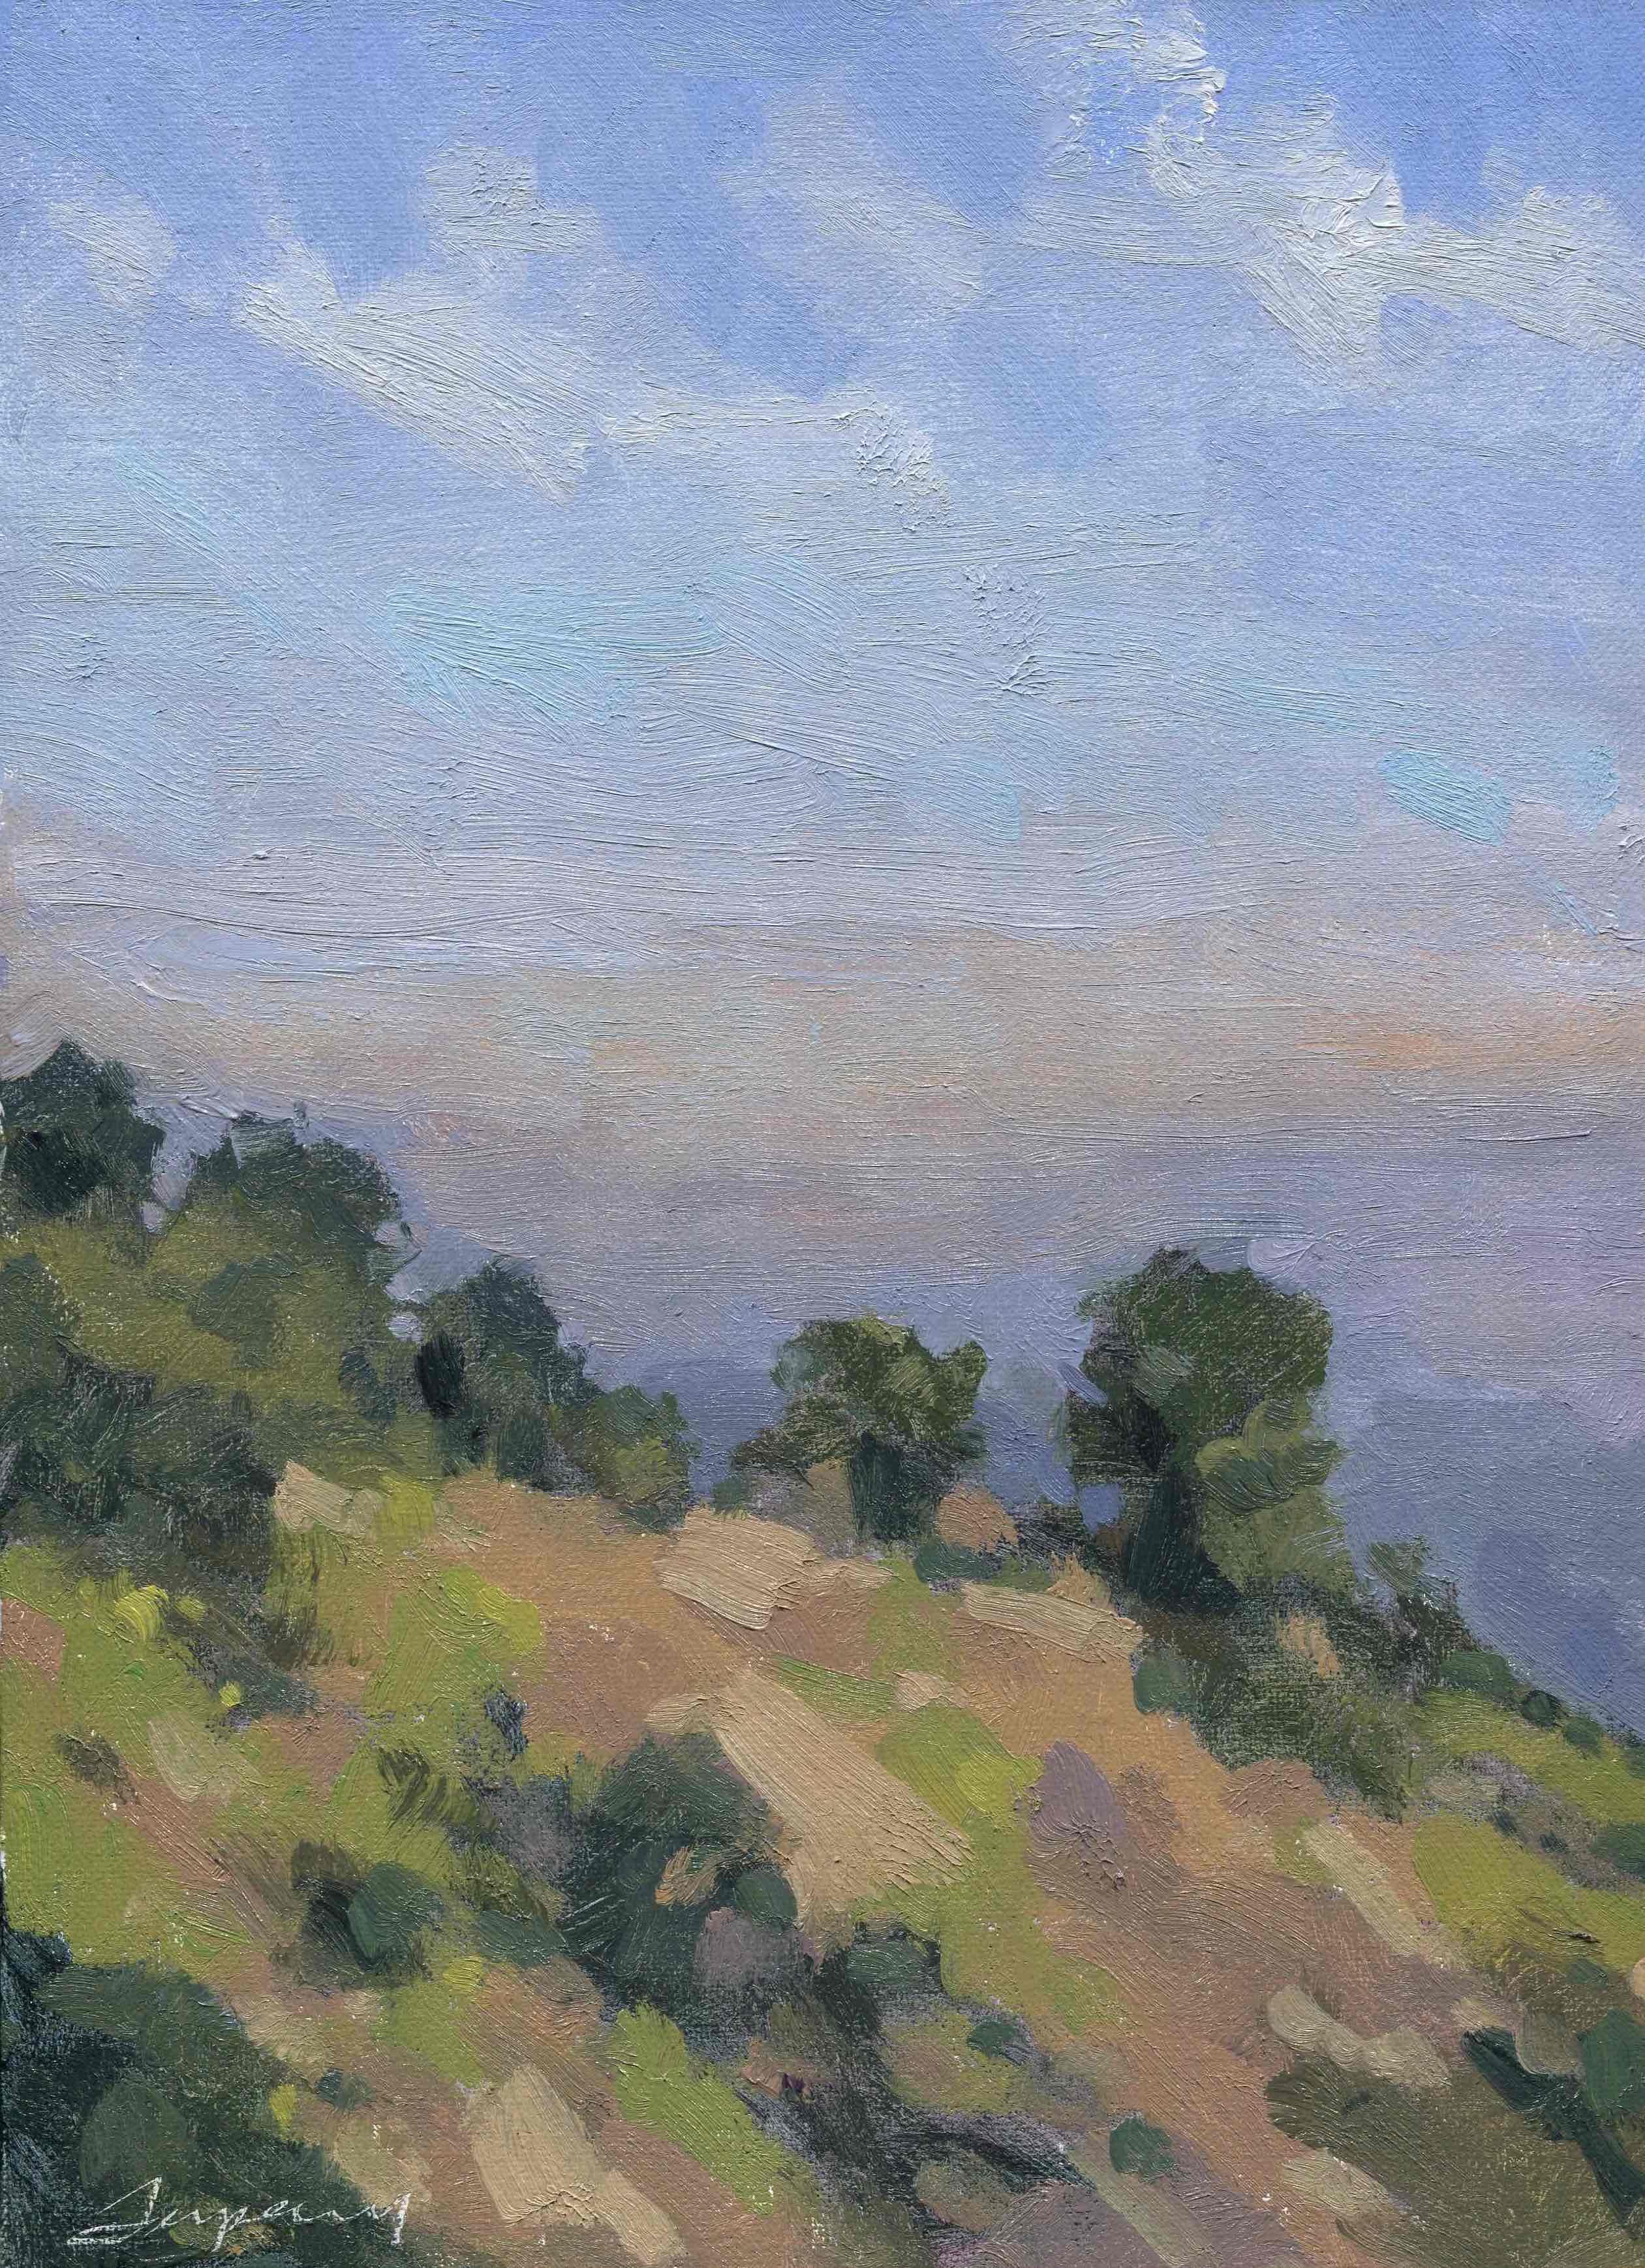 Woodland Hills Overlook